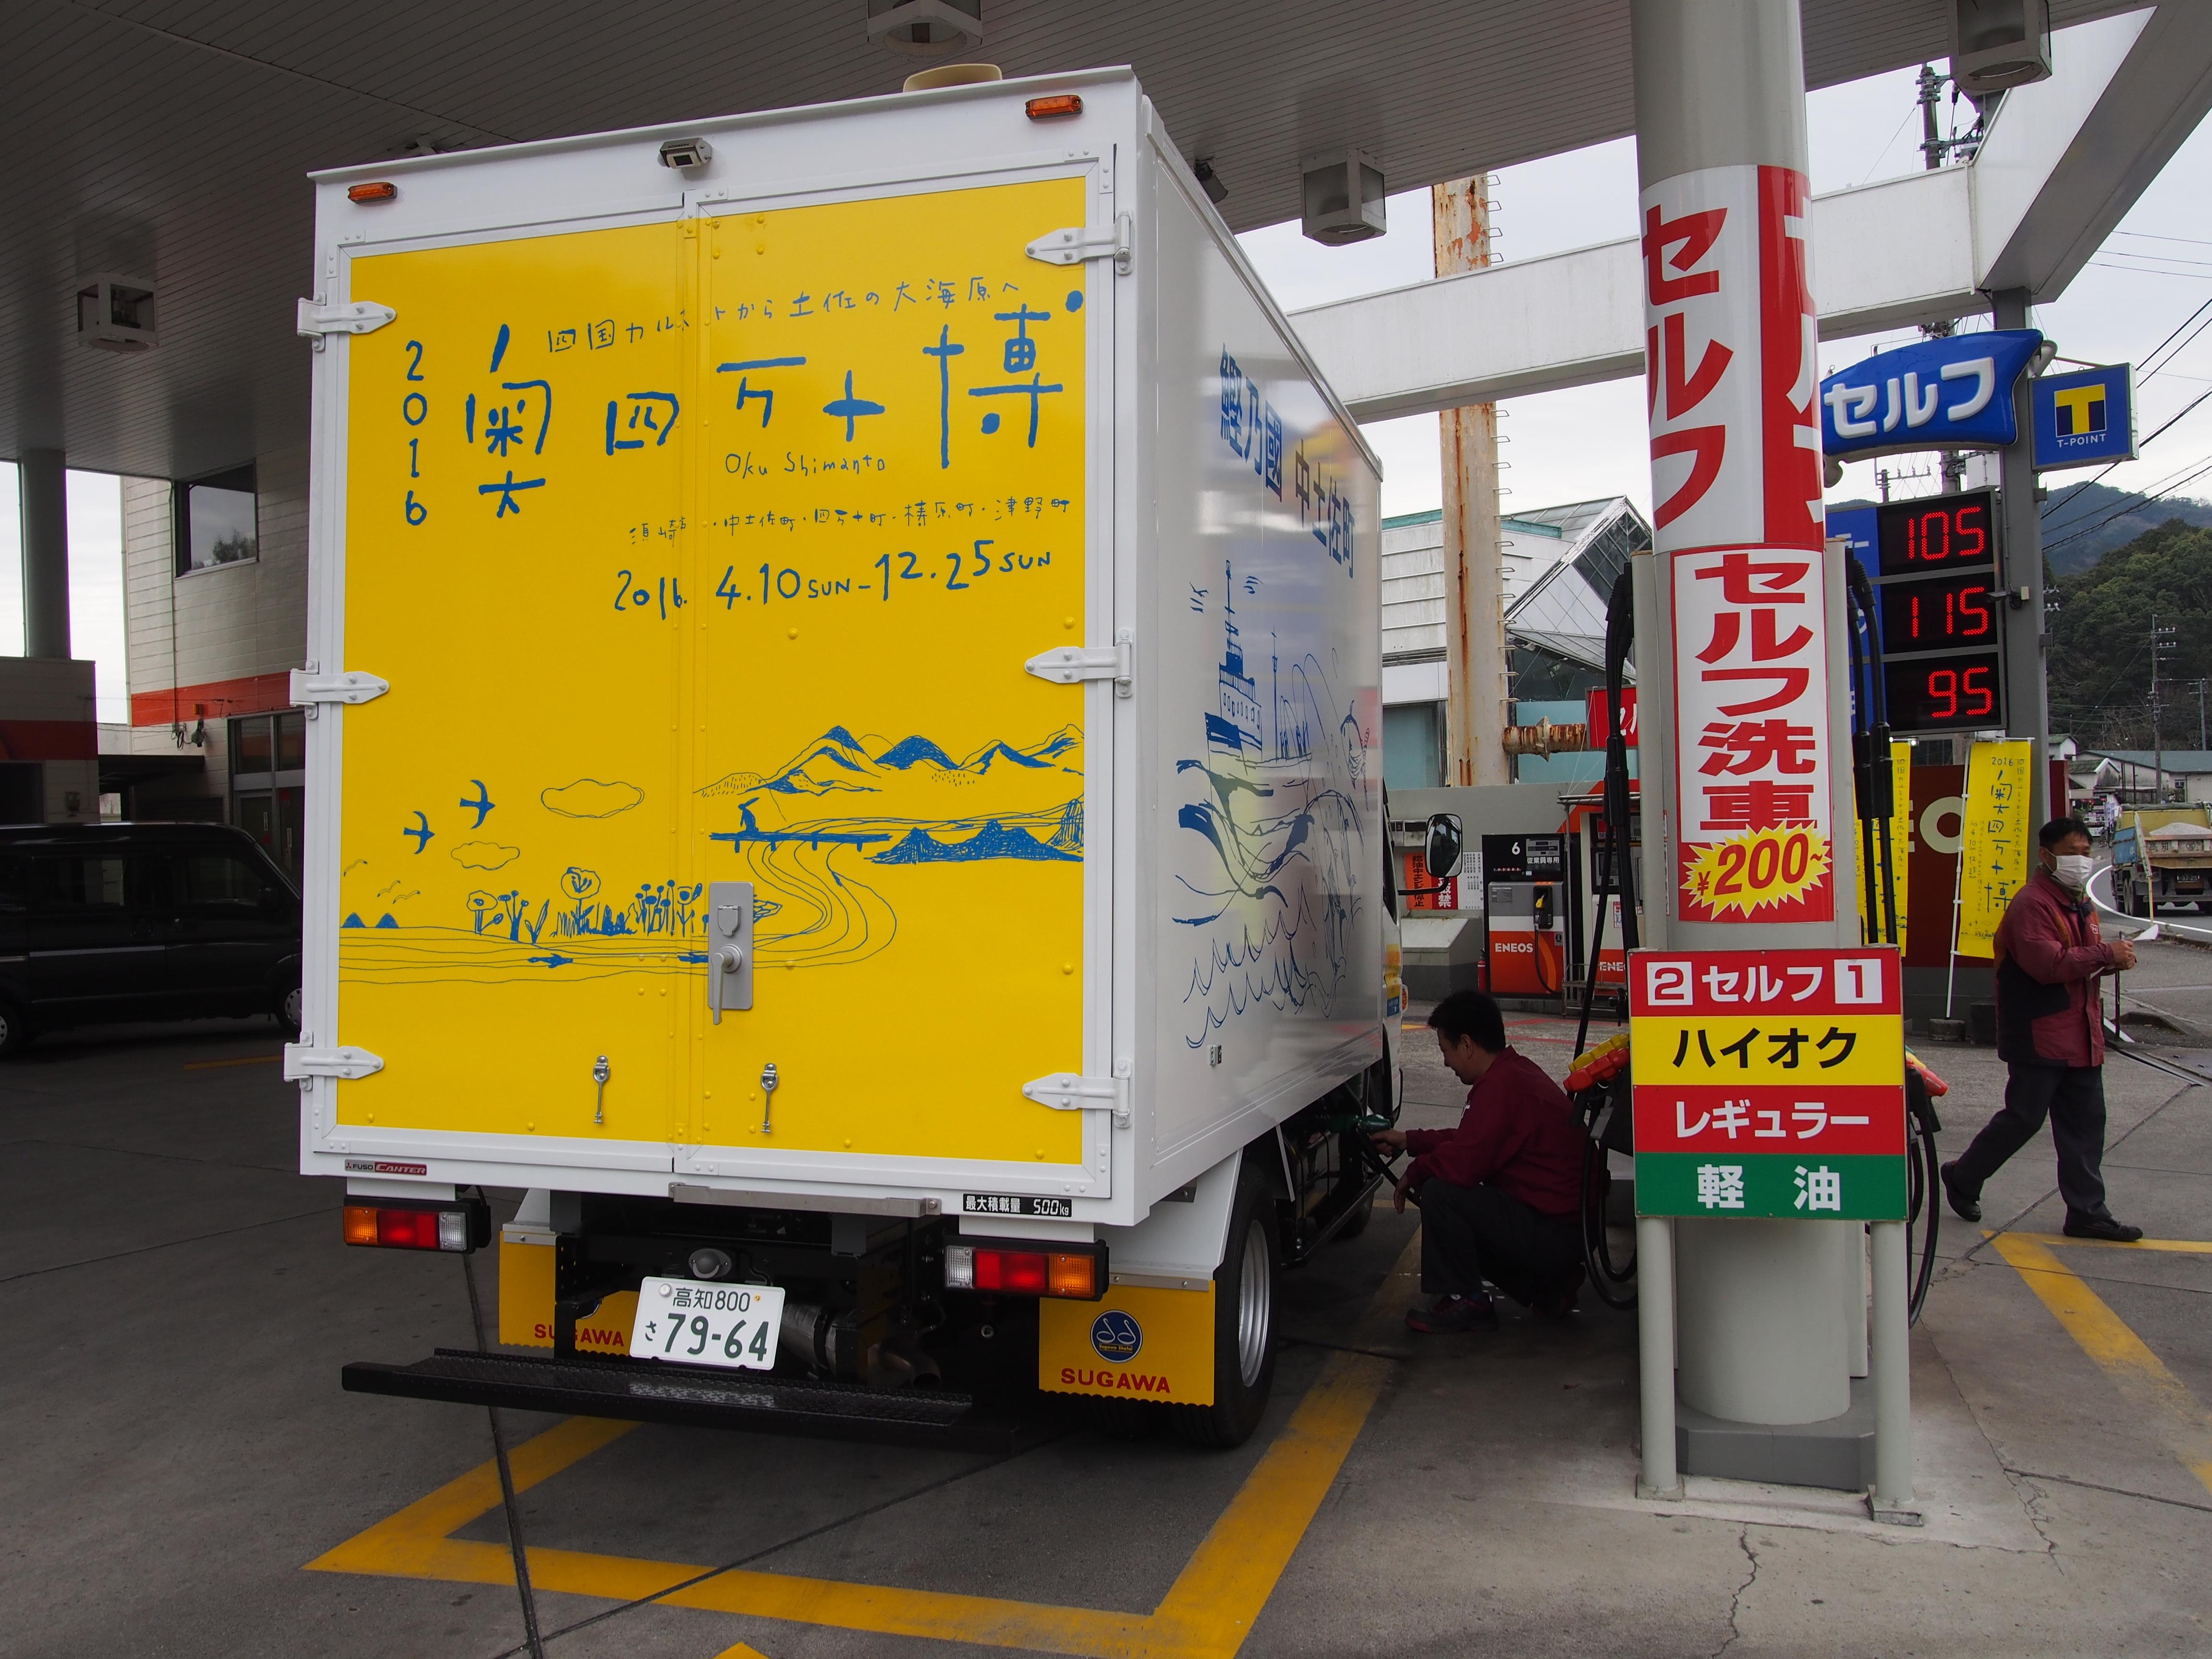 中土佐町 ガソリンスタンド 金子石油店